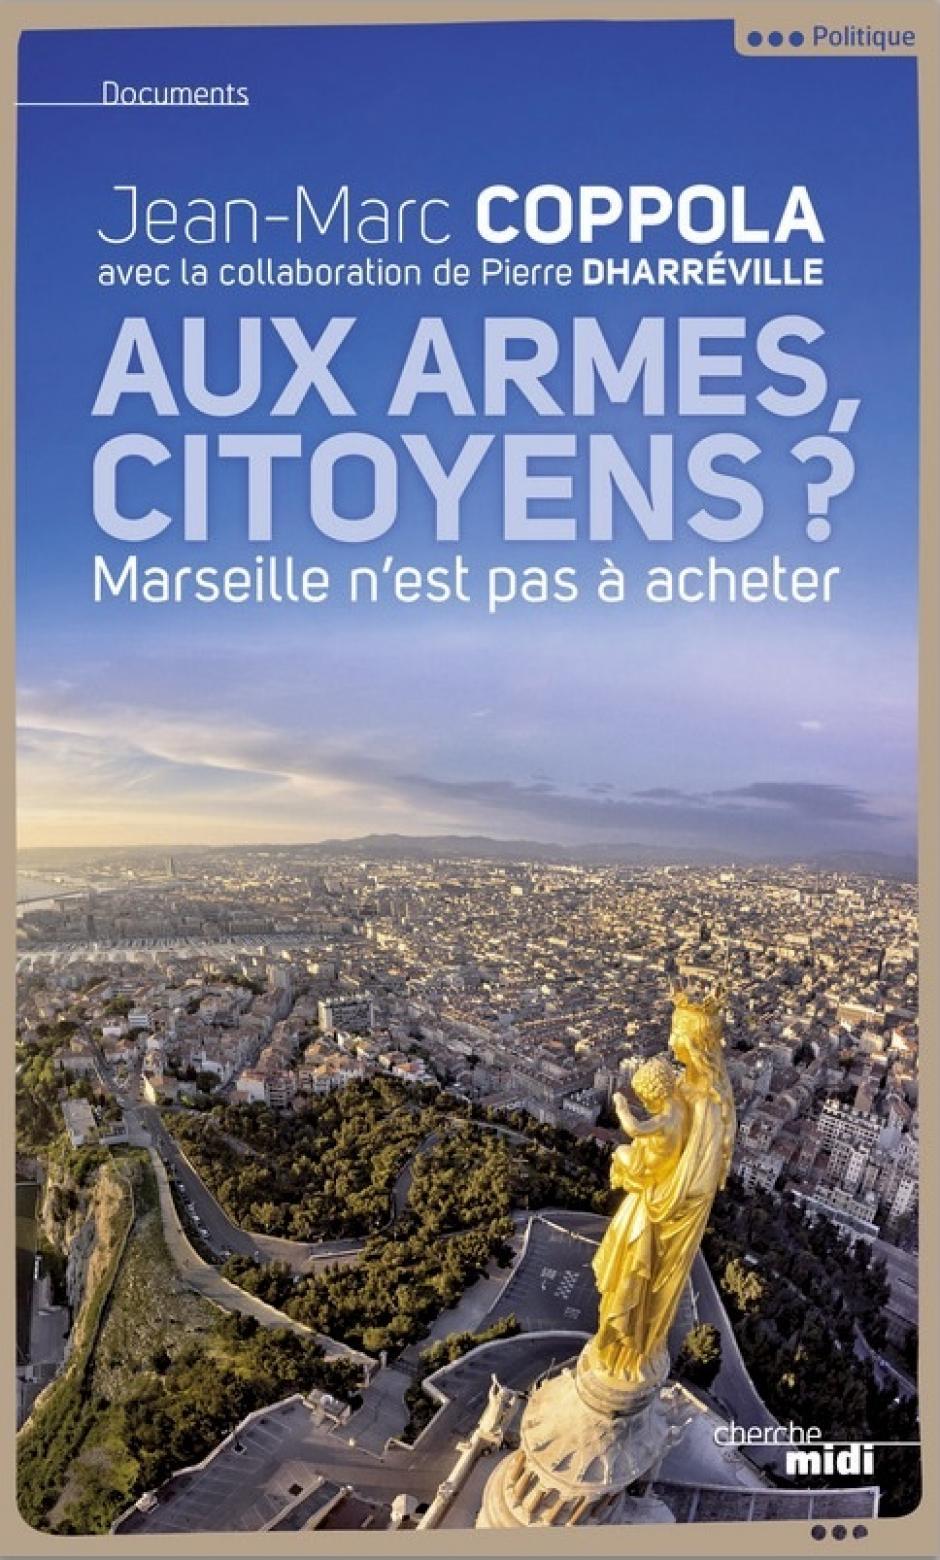 Aux armes citoyens ? Marseille n'est pas à acheter, Jean-Marc Coppola